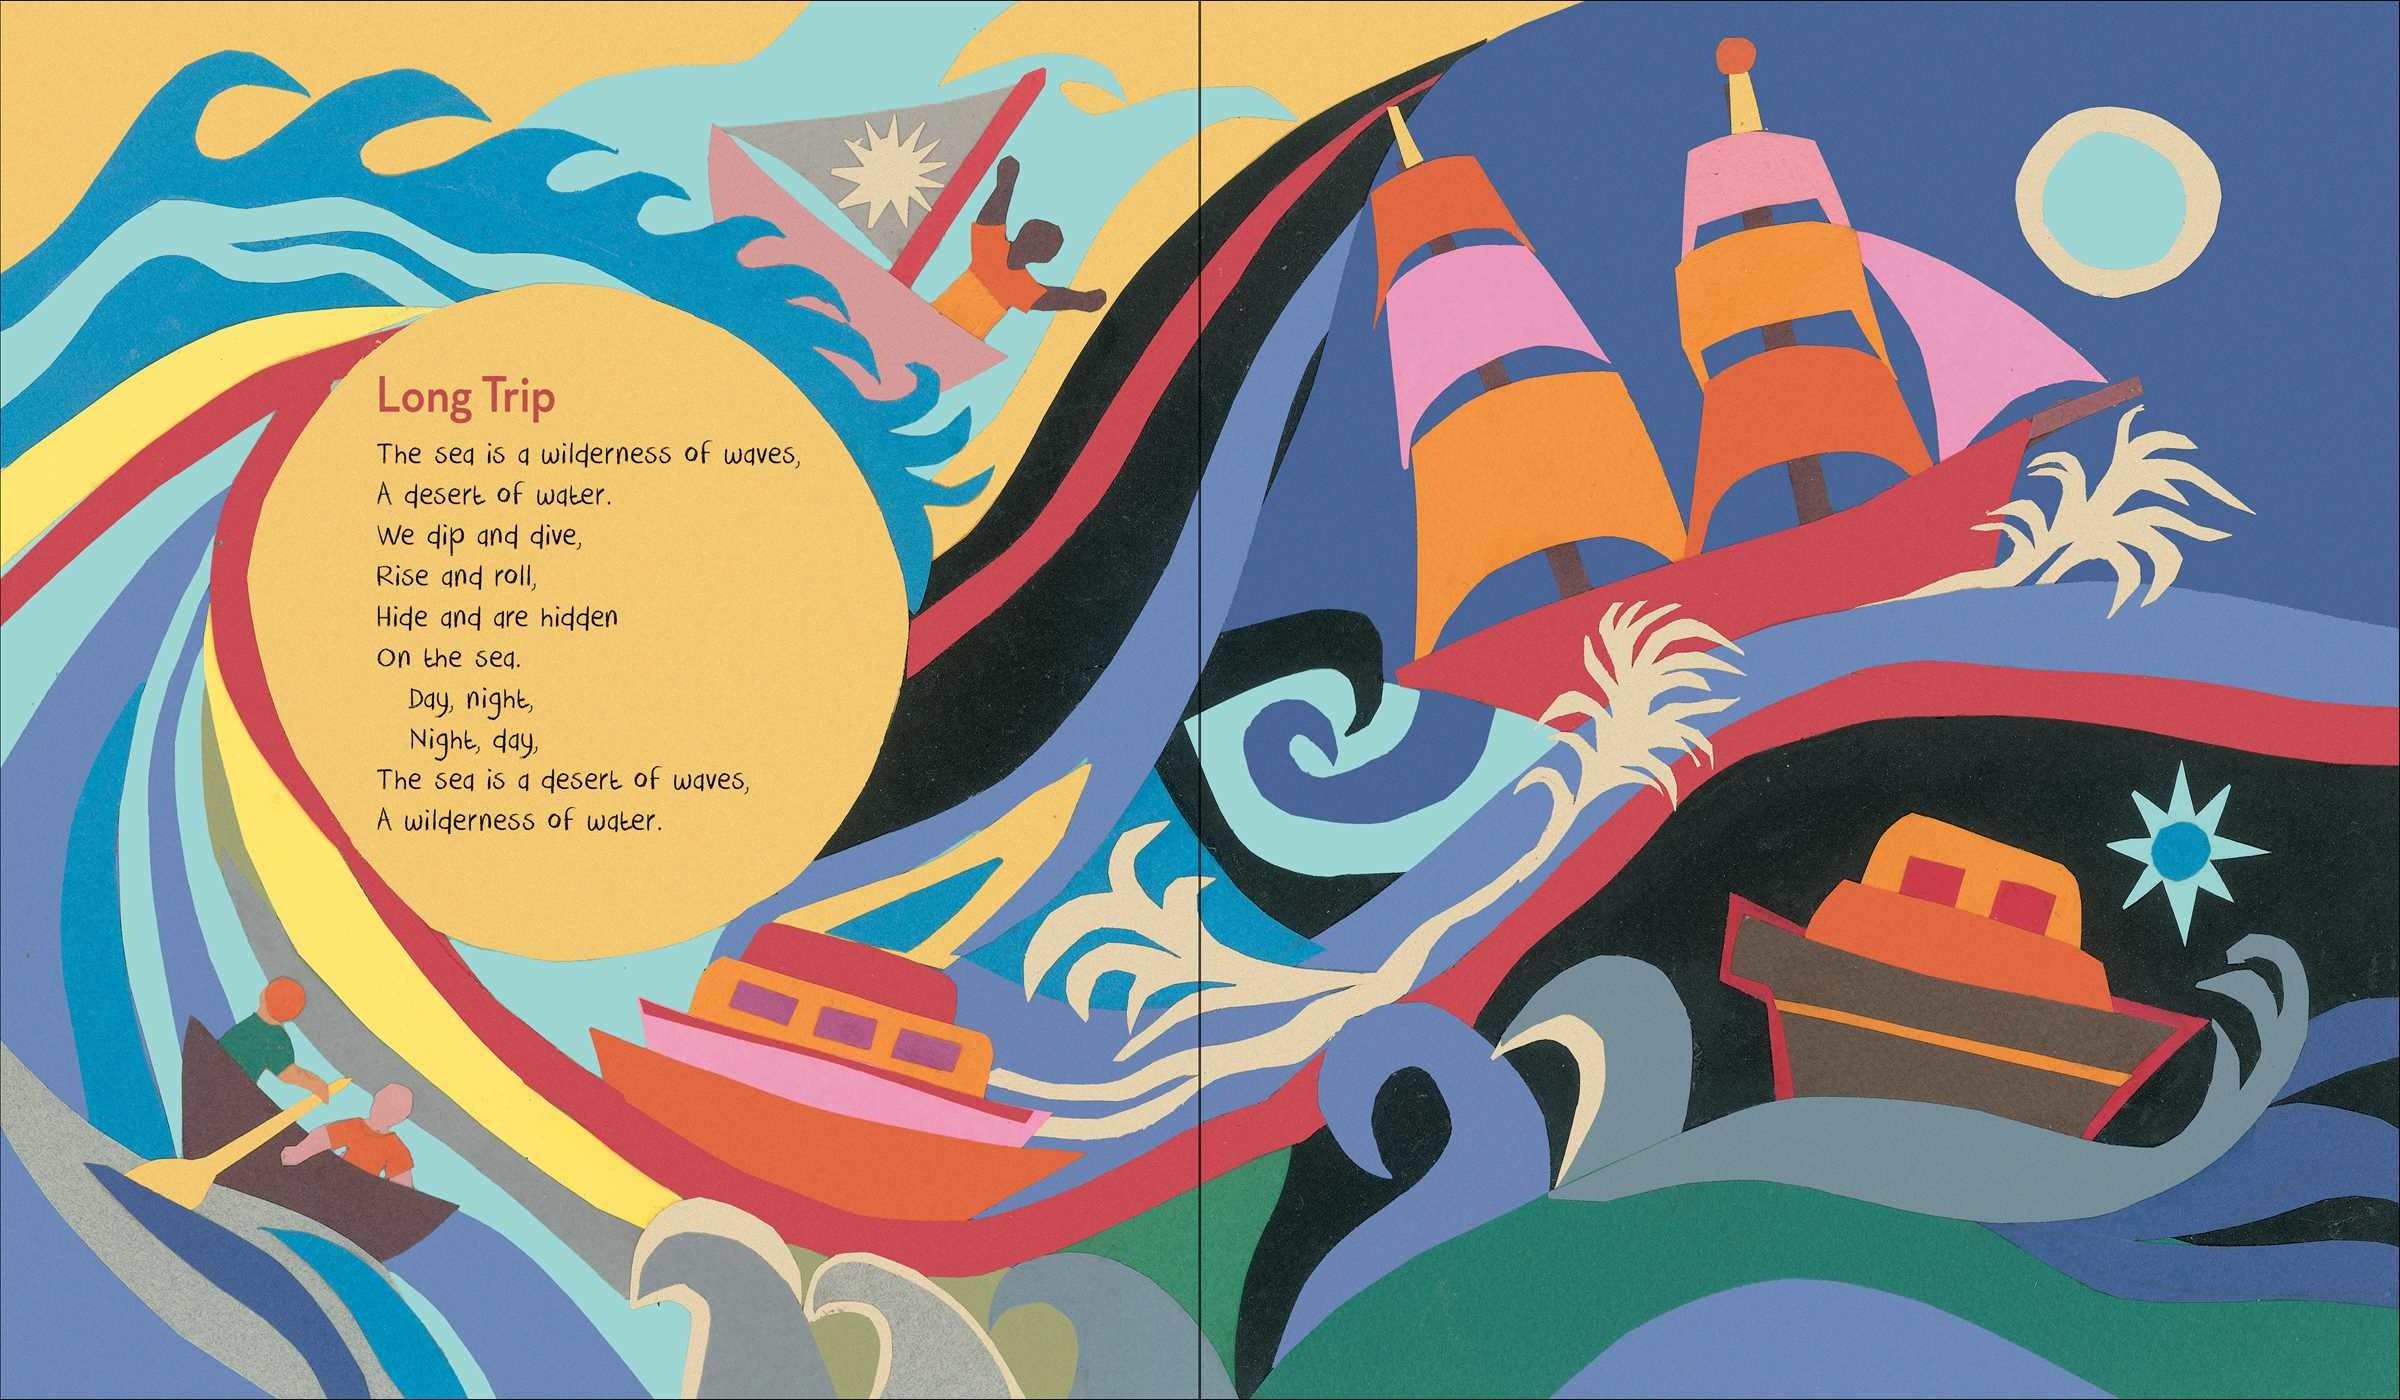 Sail away 9781481430852.in01